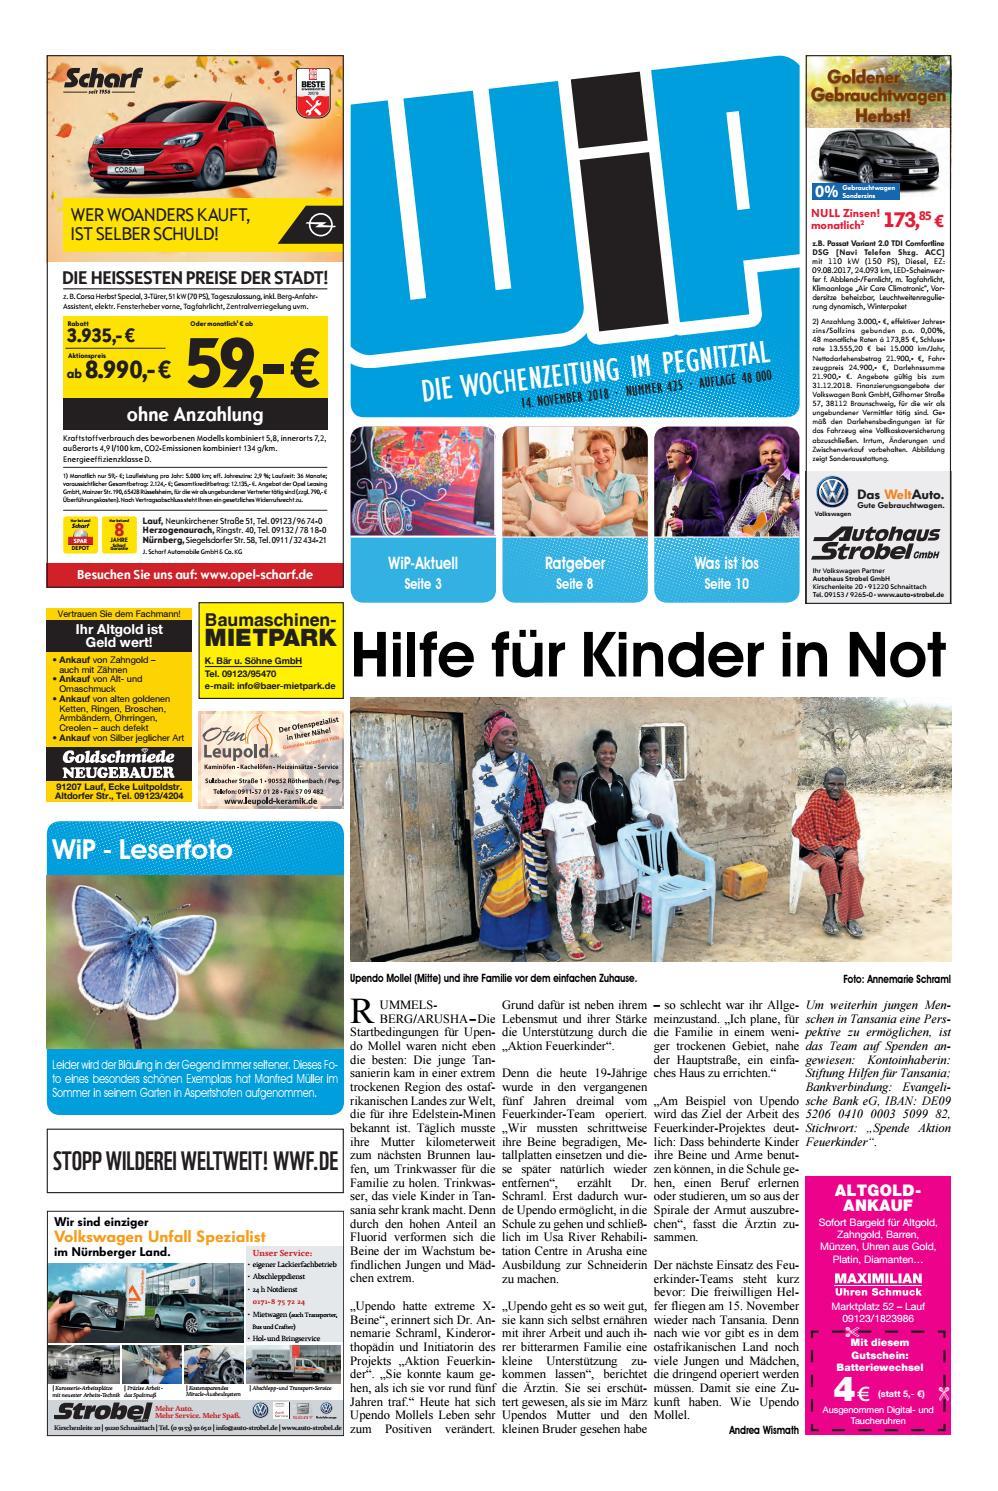 WiP 14.11.2018 by Pfeiffer Medienfabrik GmbH & Co. KG issuu